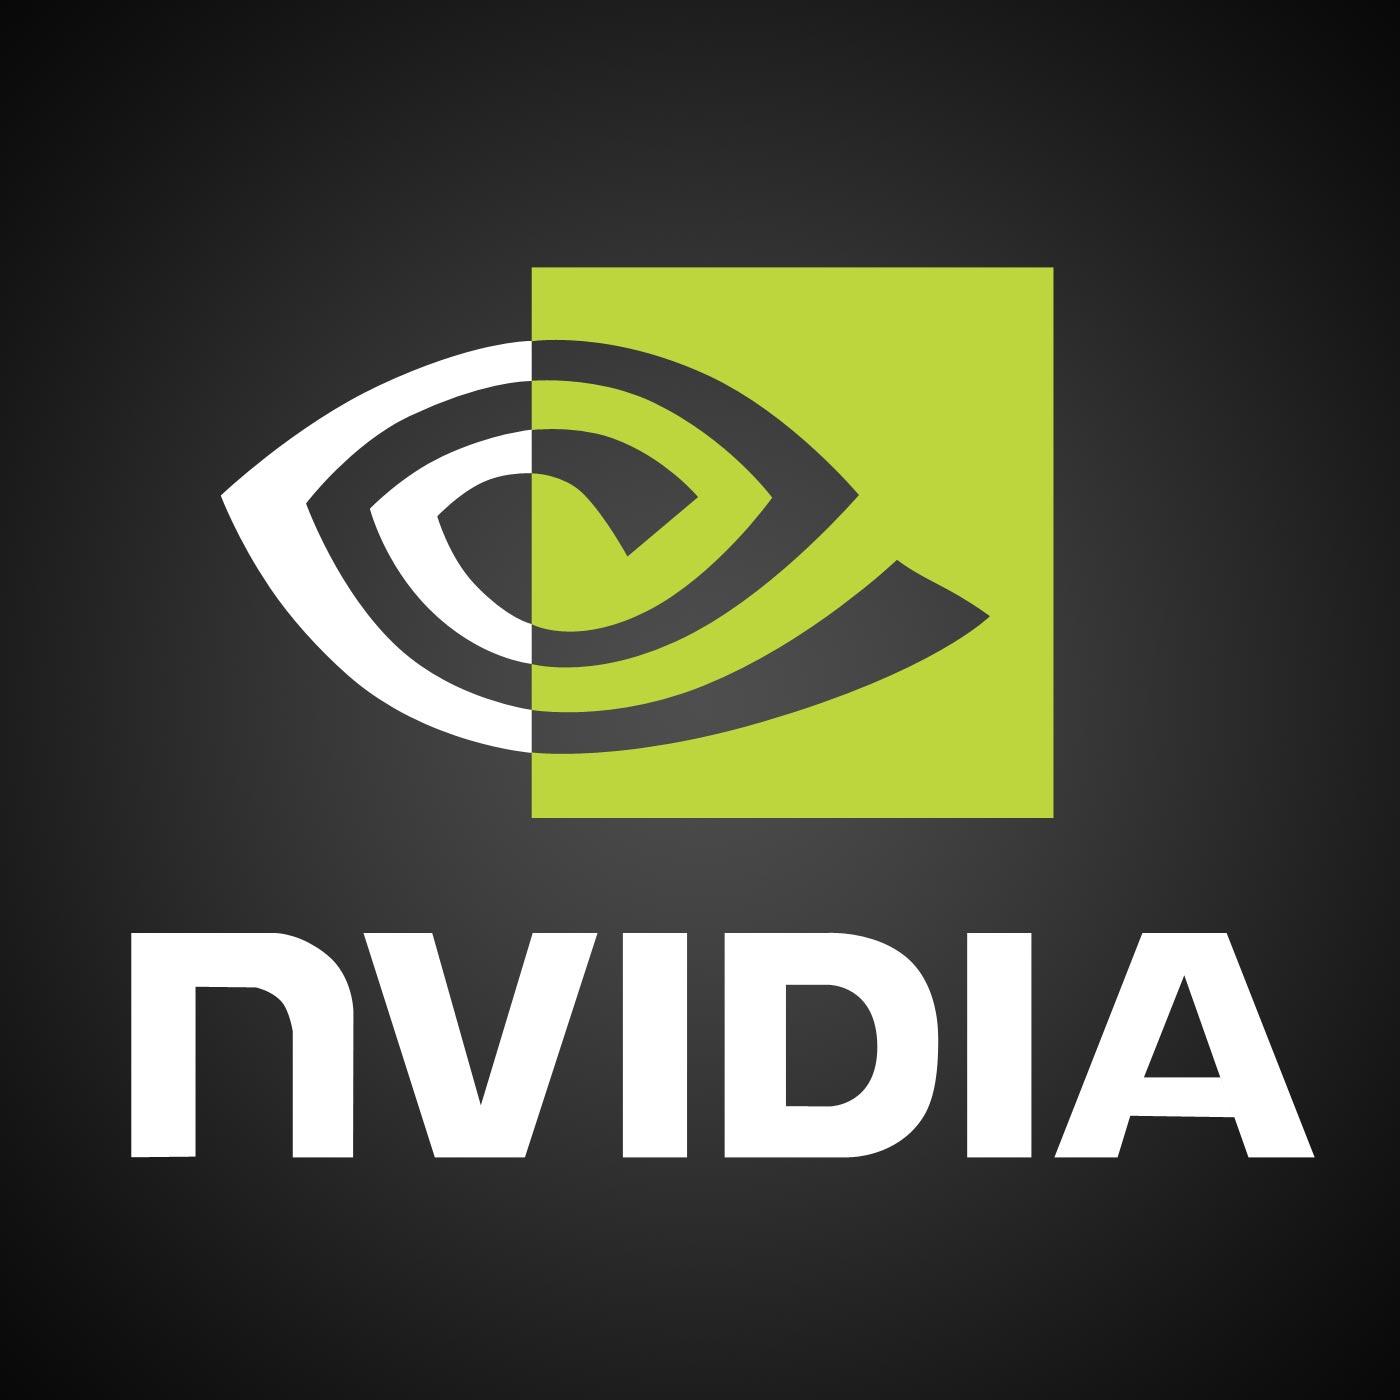 NVIDIA, nuovo software touch per pennini, a basso consumo energetico